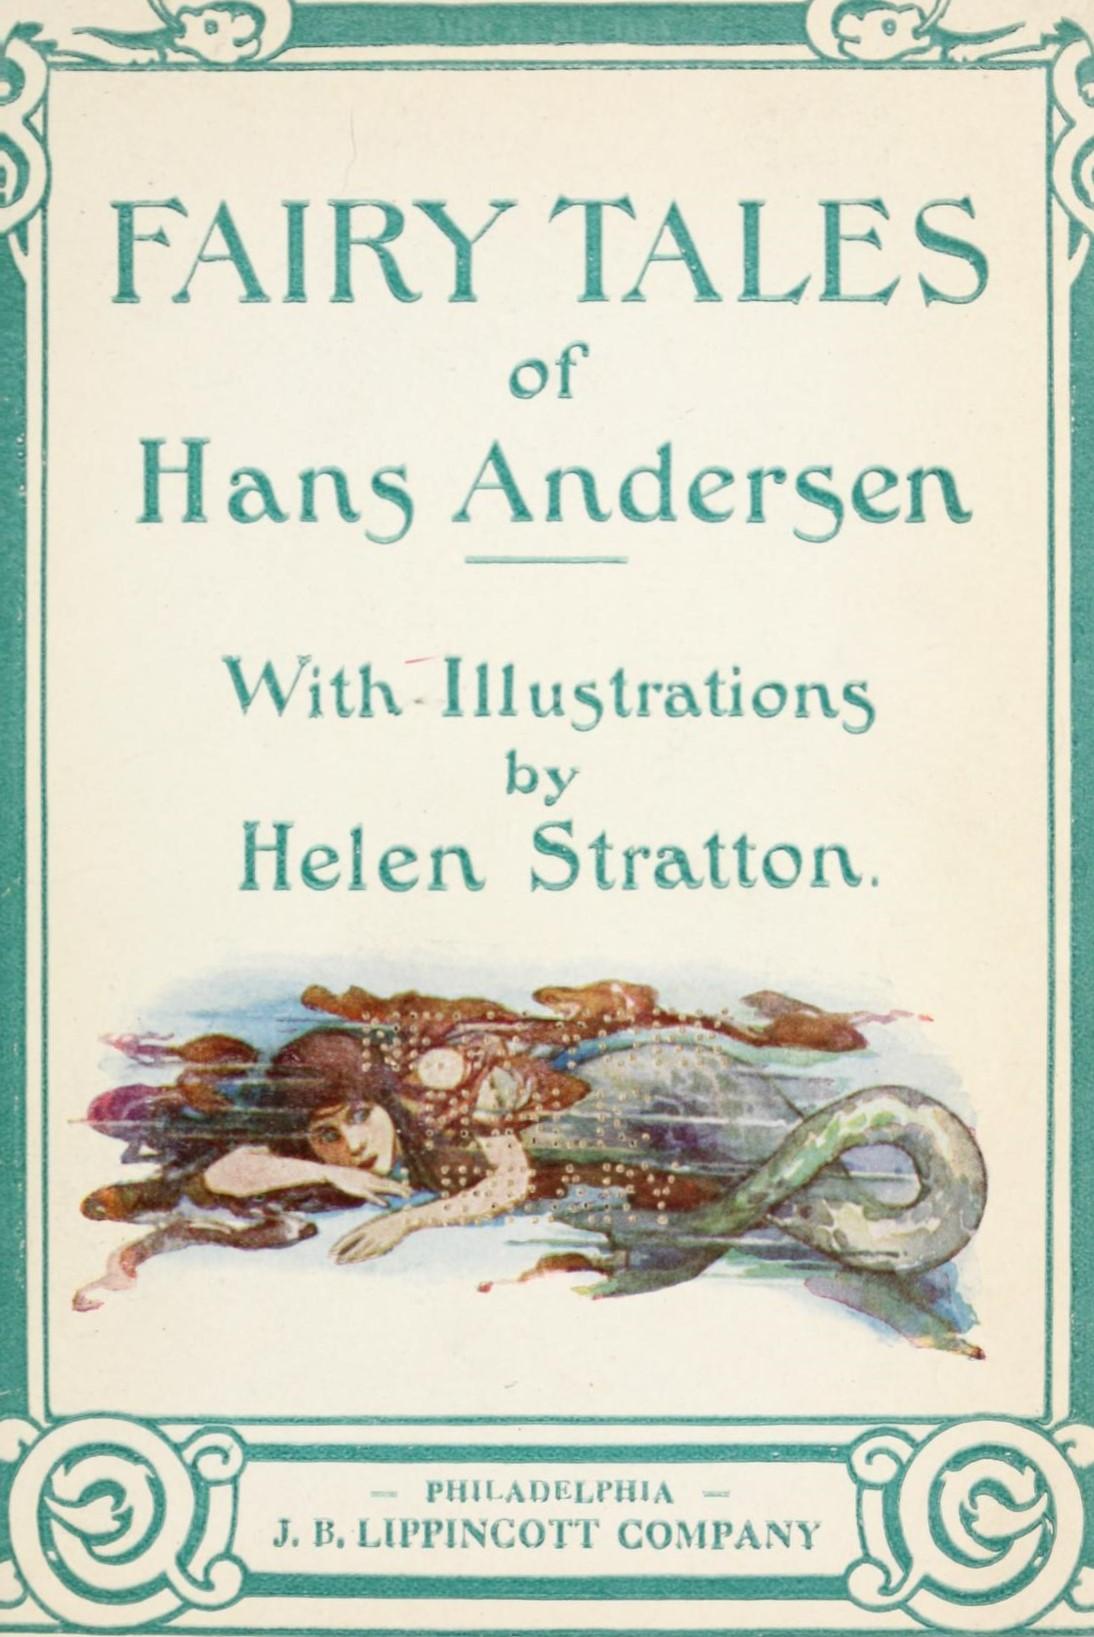 ヘレン・ストラトン画の人魚姫⑥_c0084183_16281752.jpg